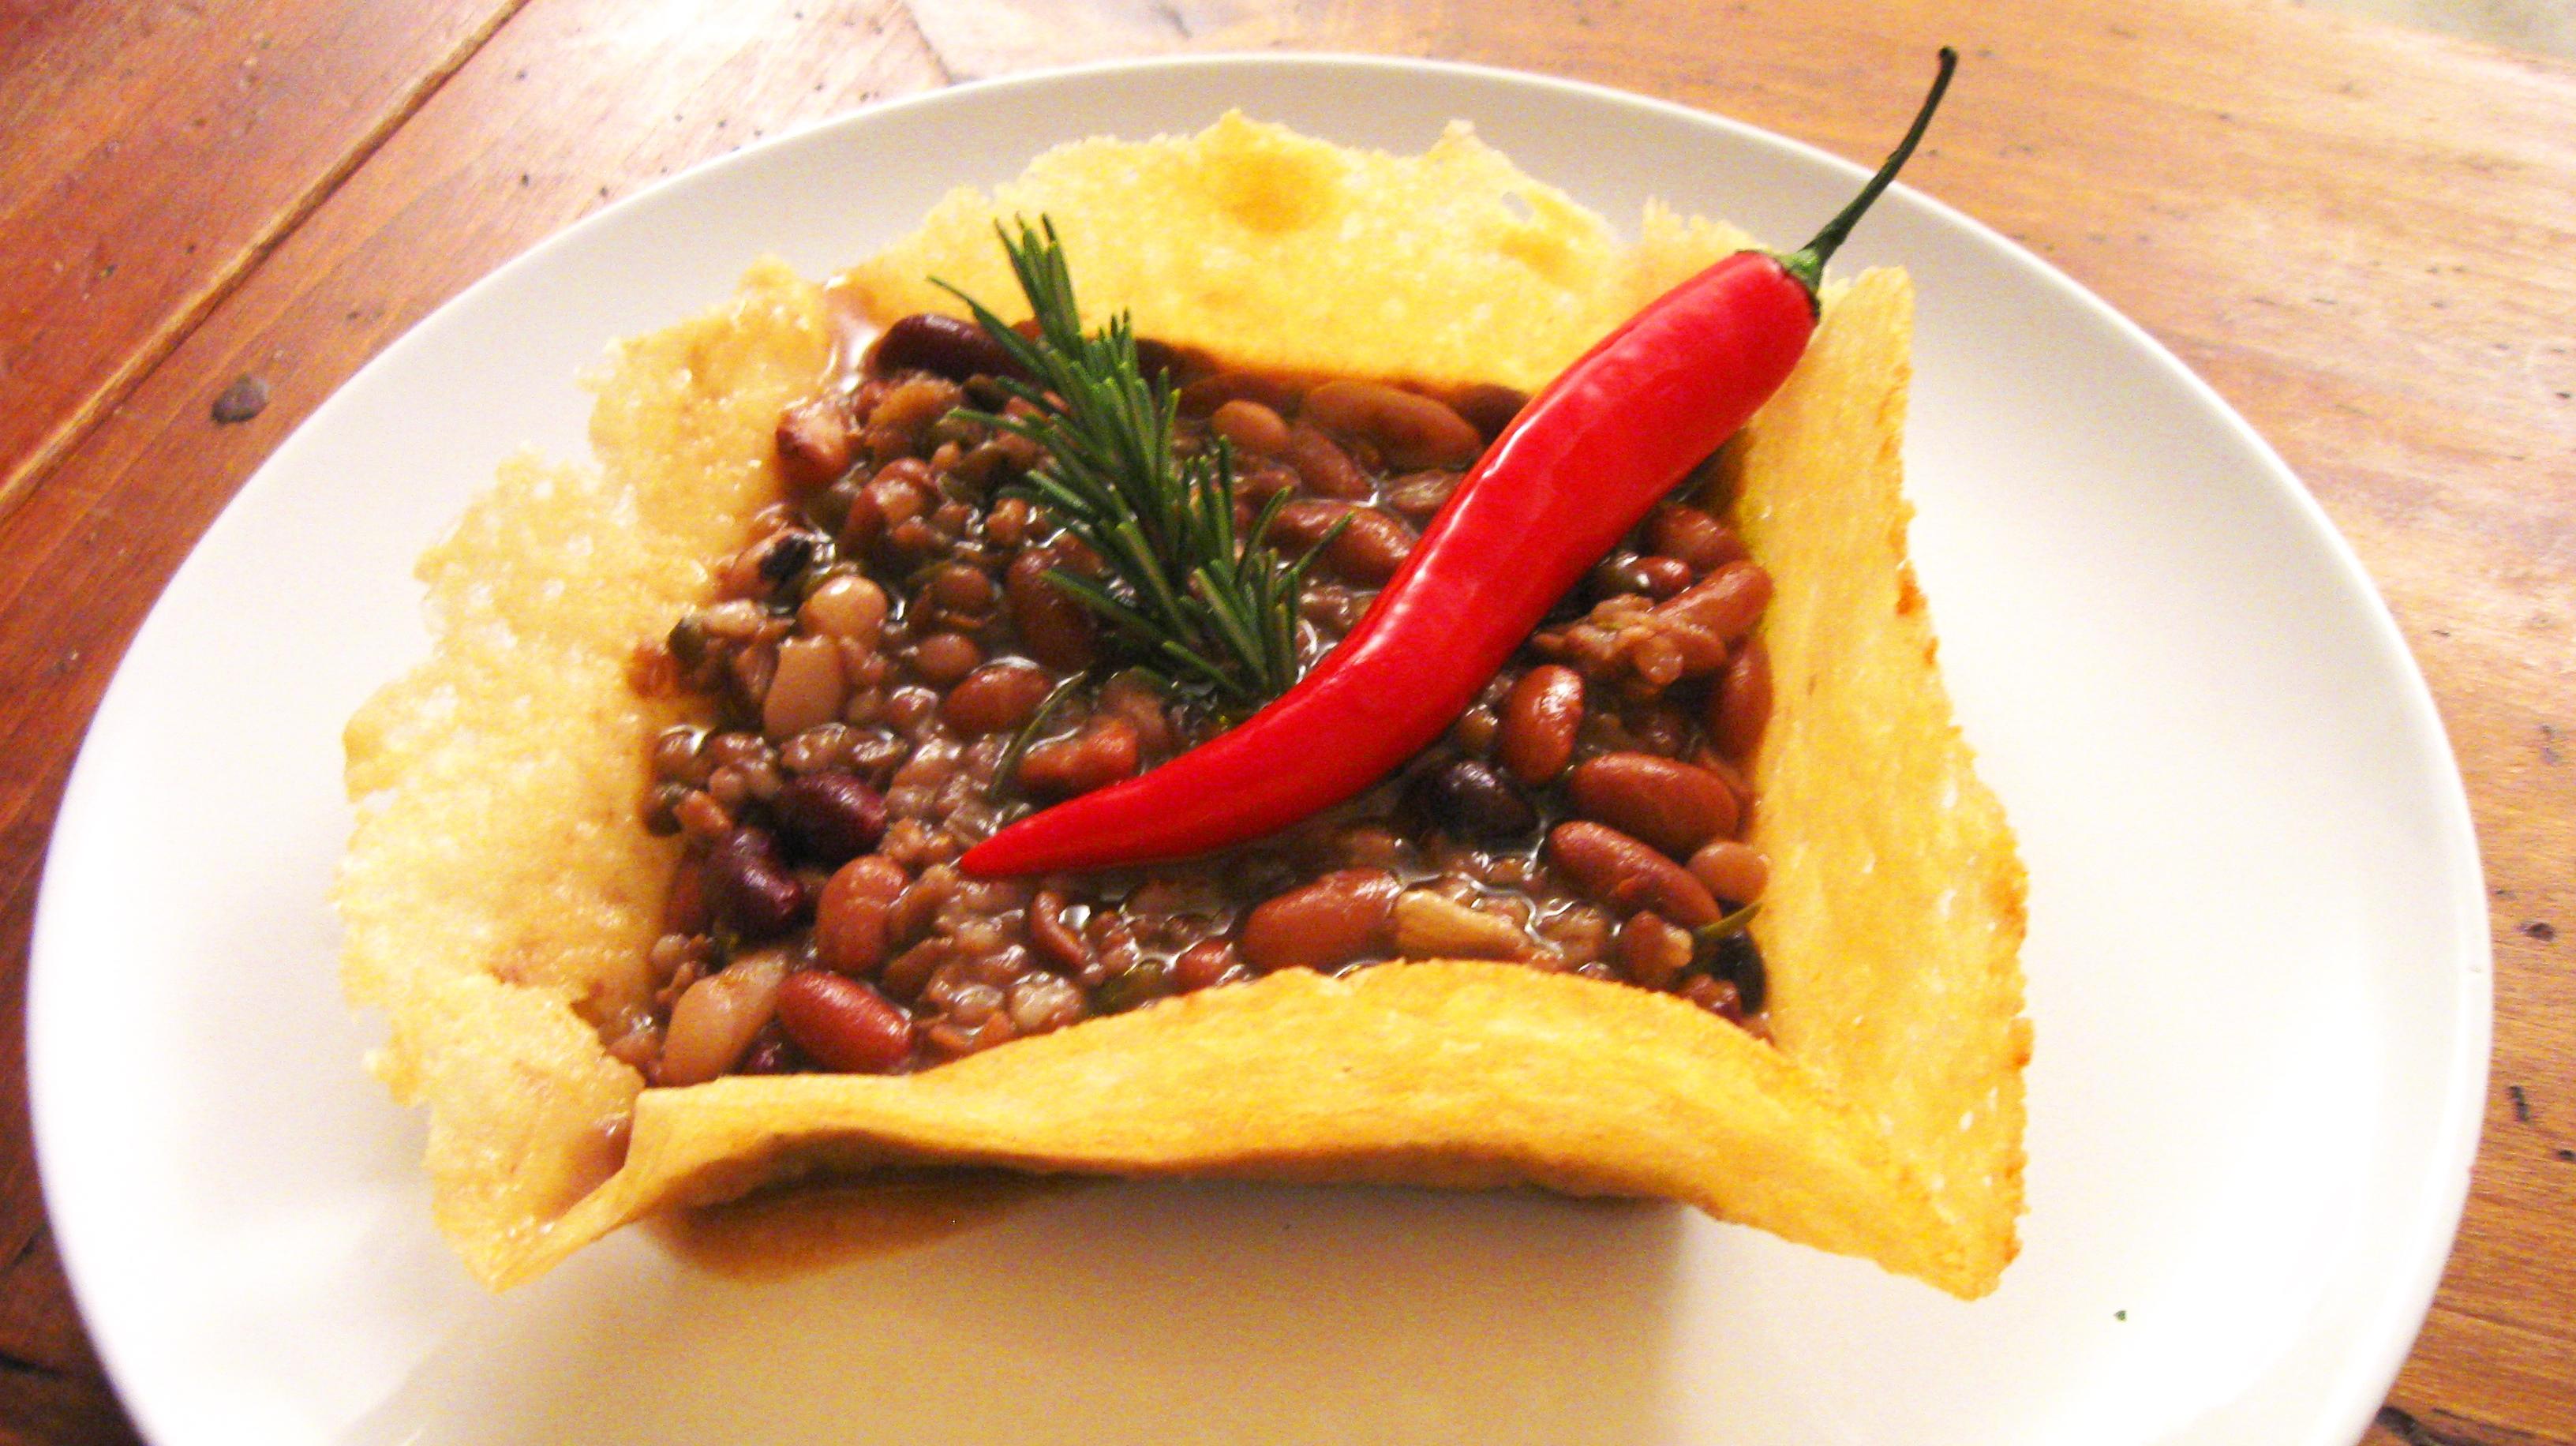 Zuppa di legumi e cereali piccante